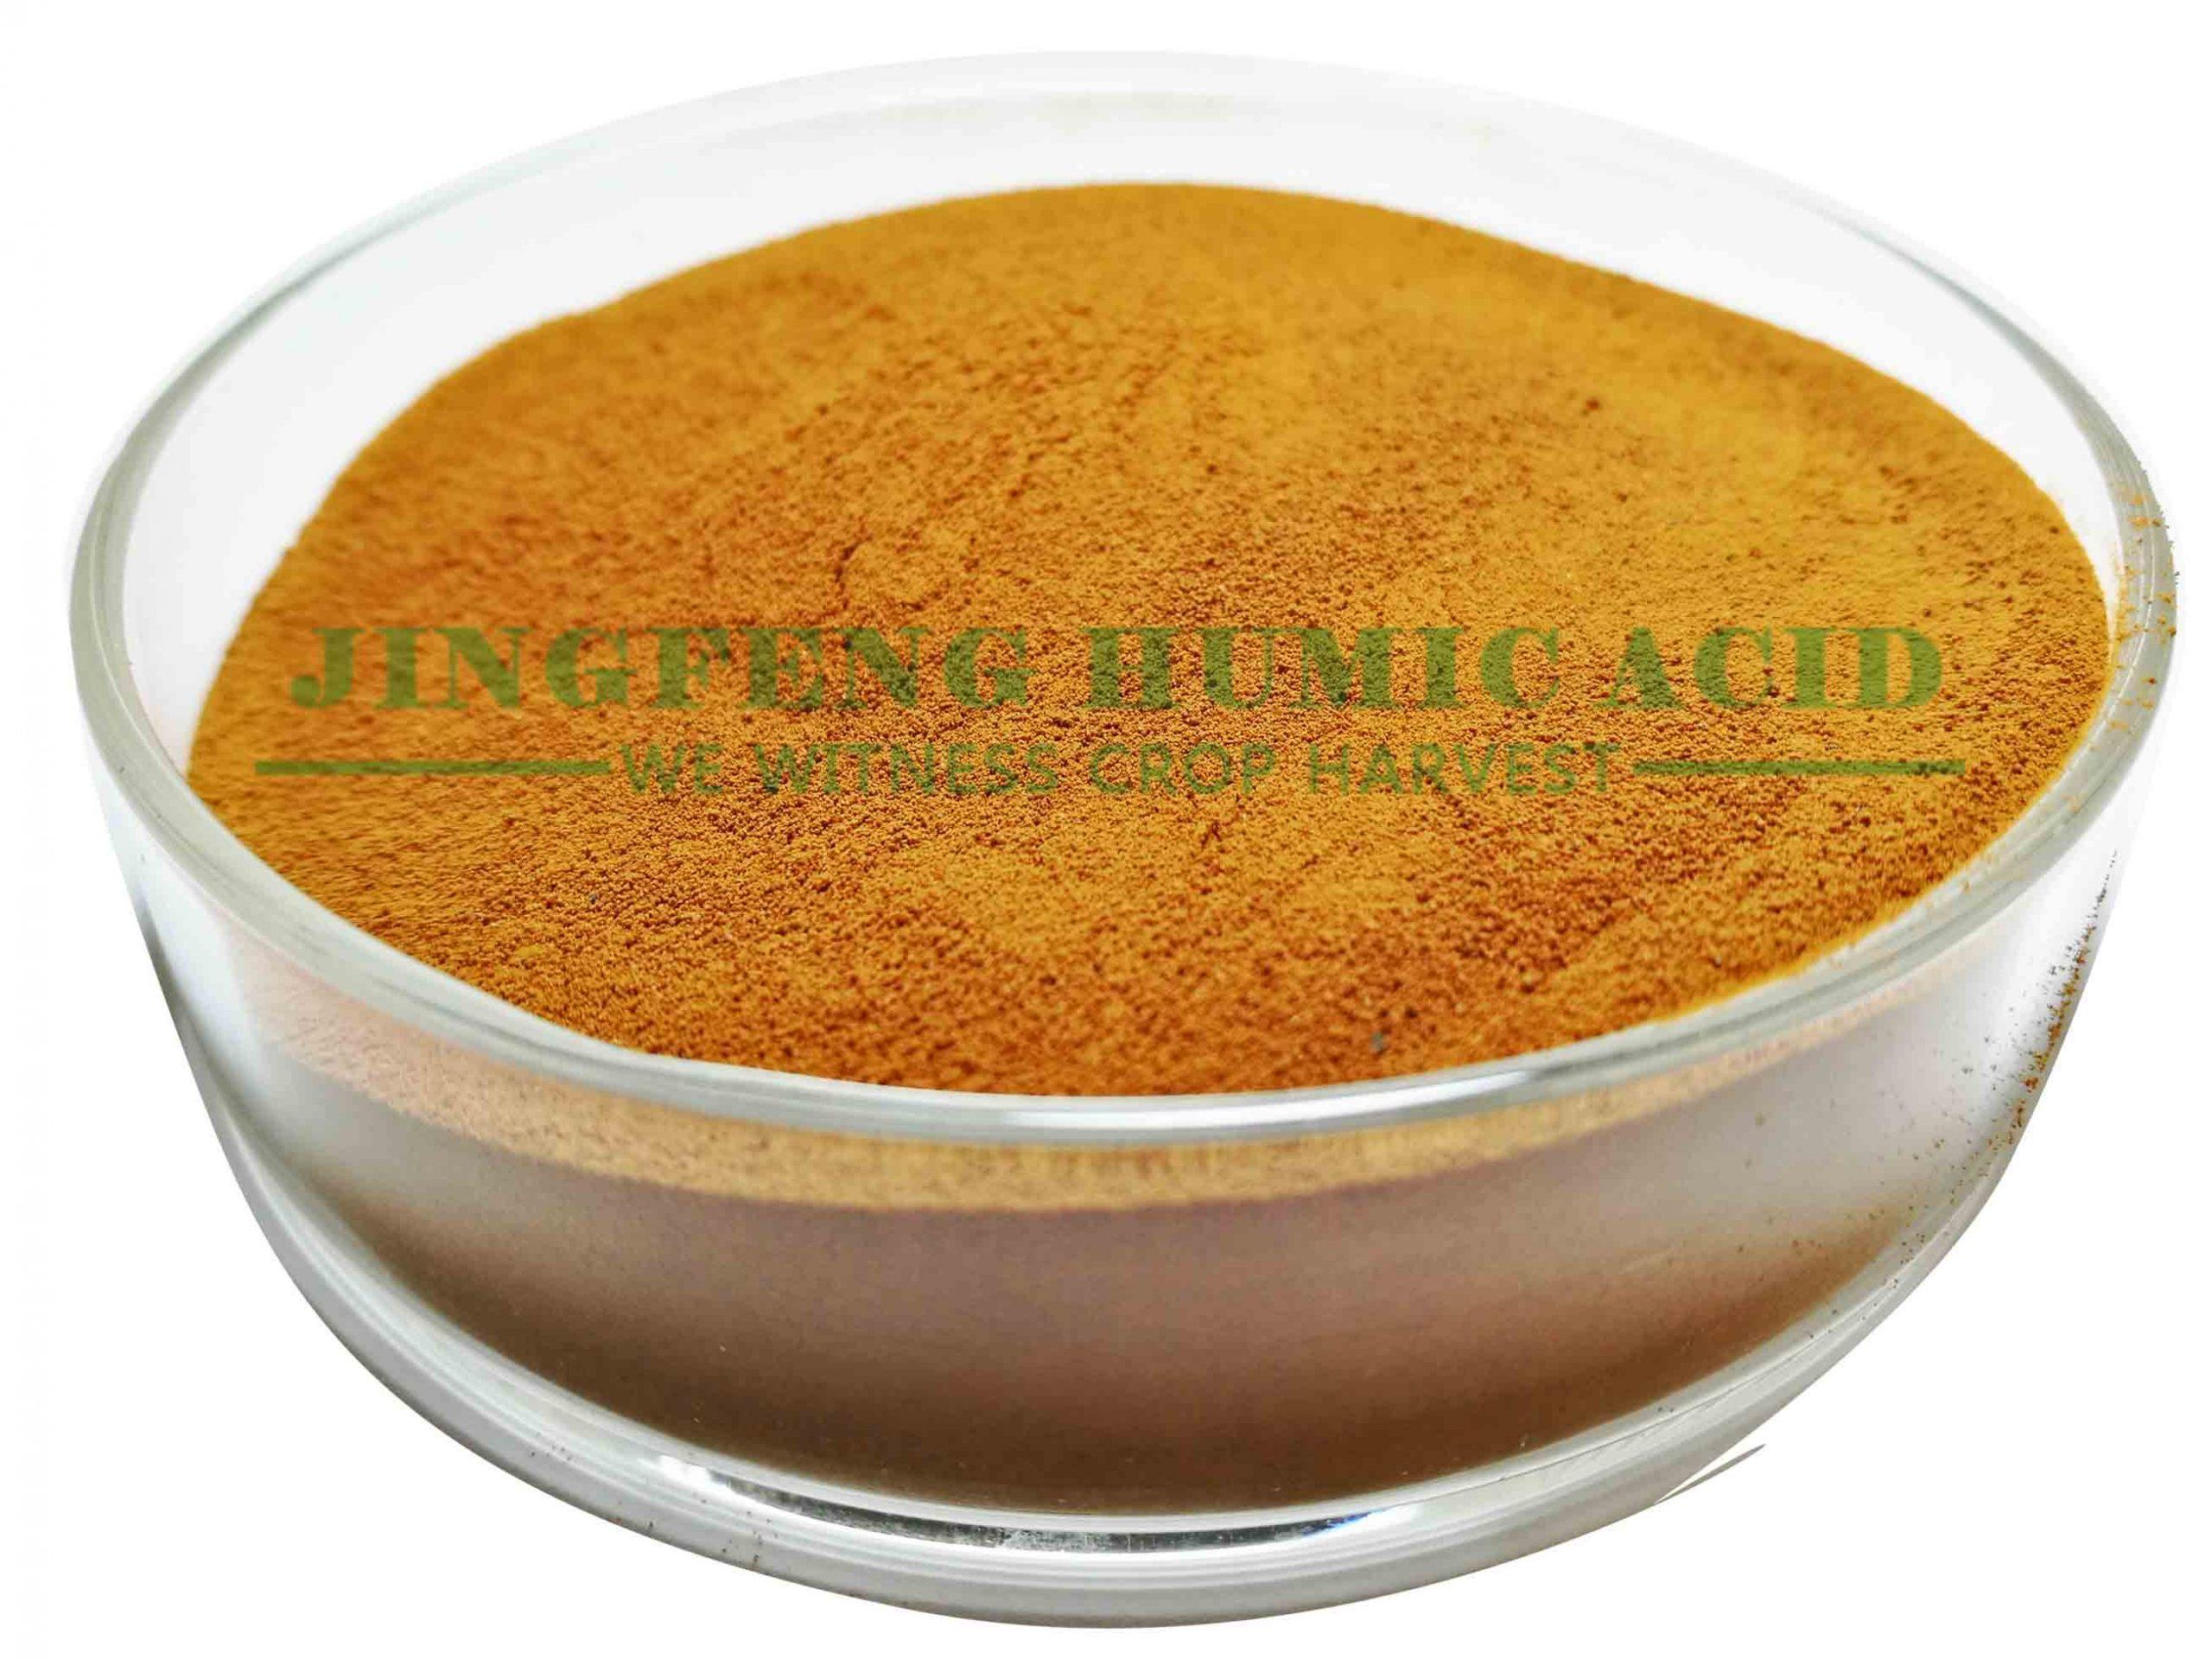 Bio fulvic acid - fulvic acid suppliers